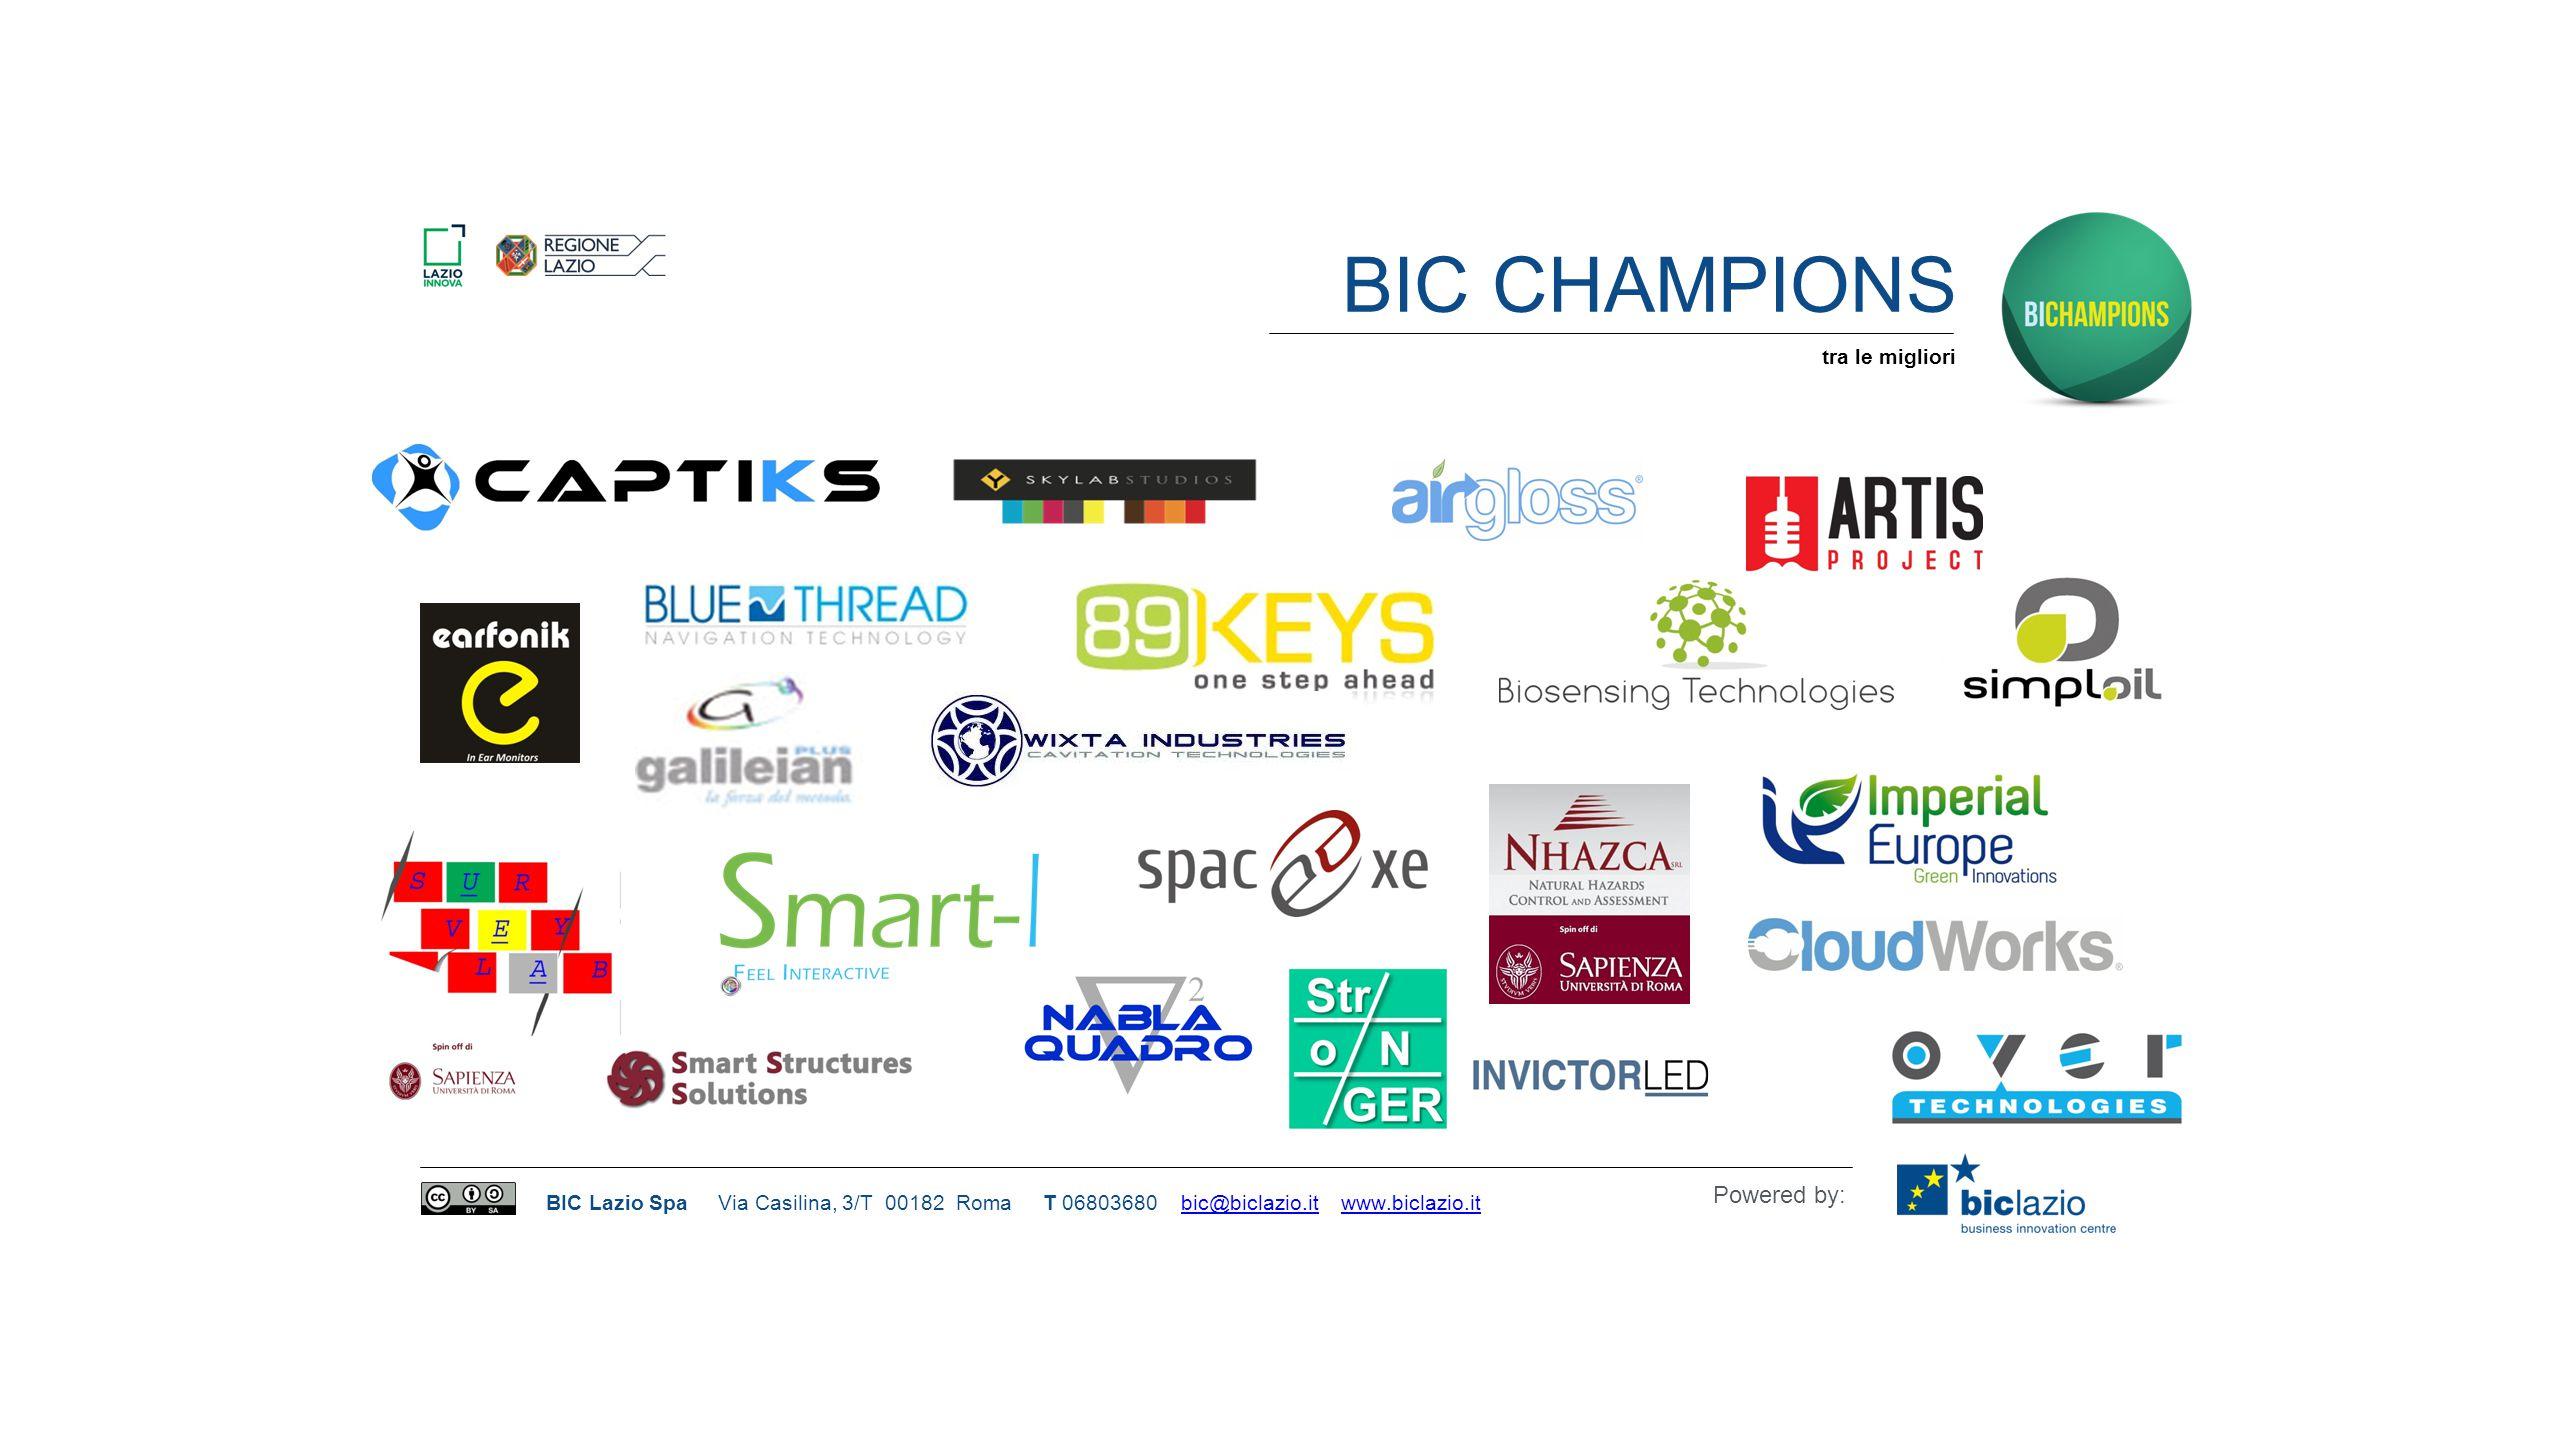 BIC Champions tra le migliori